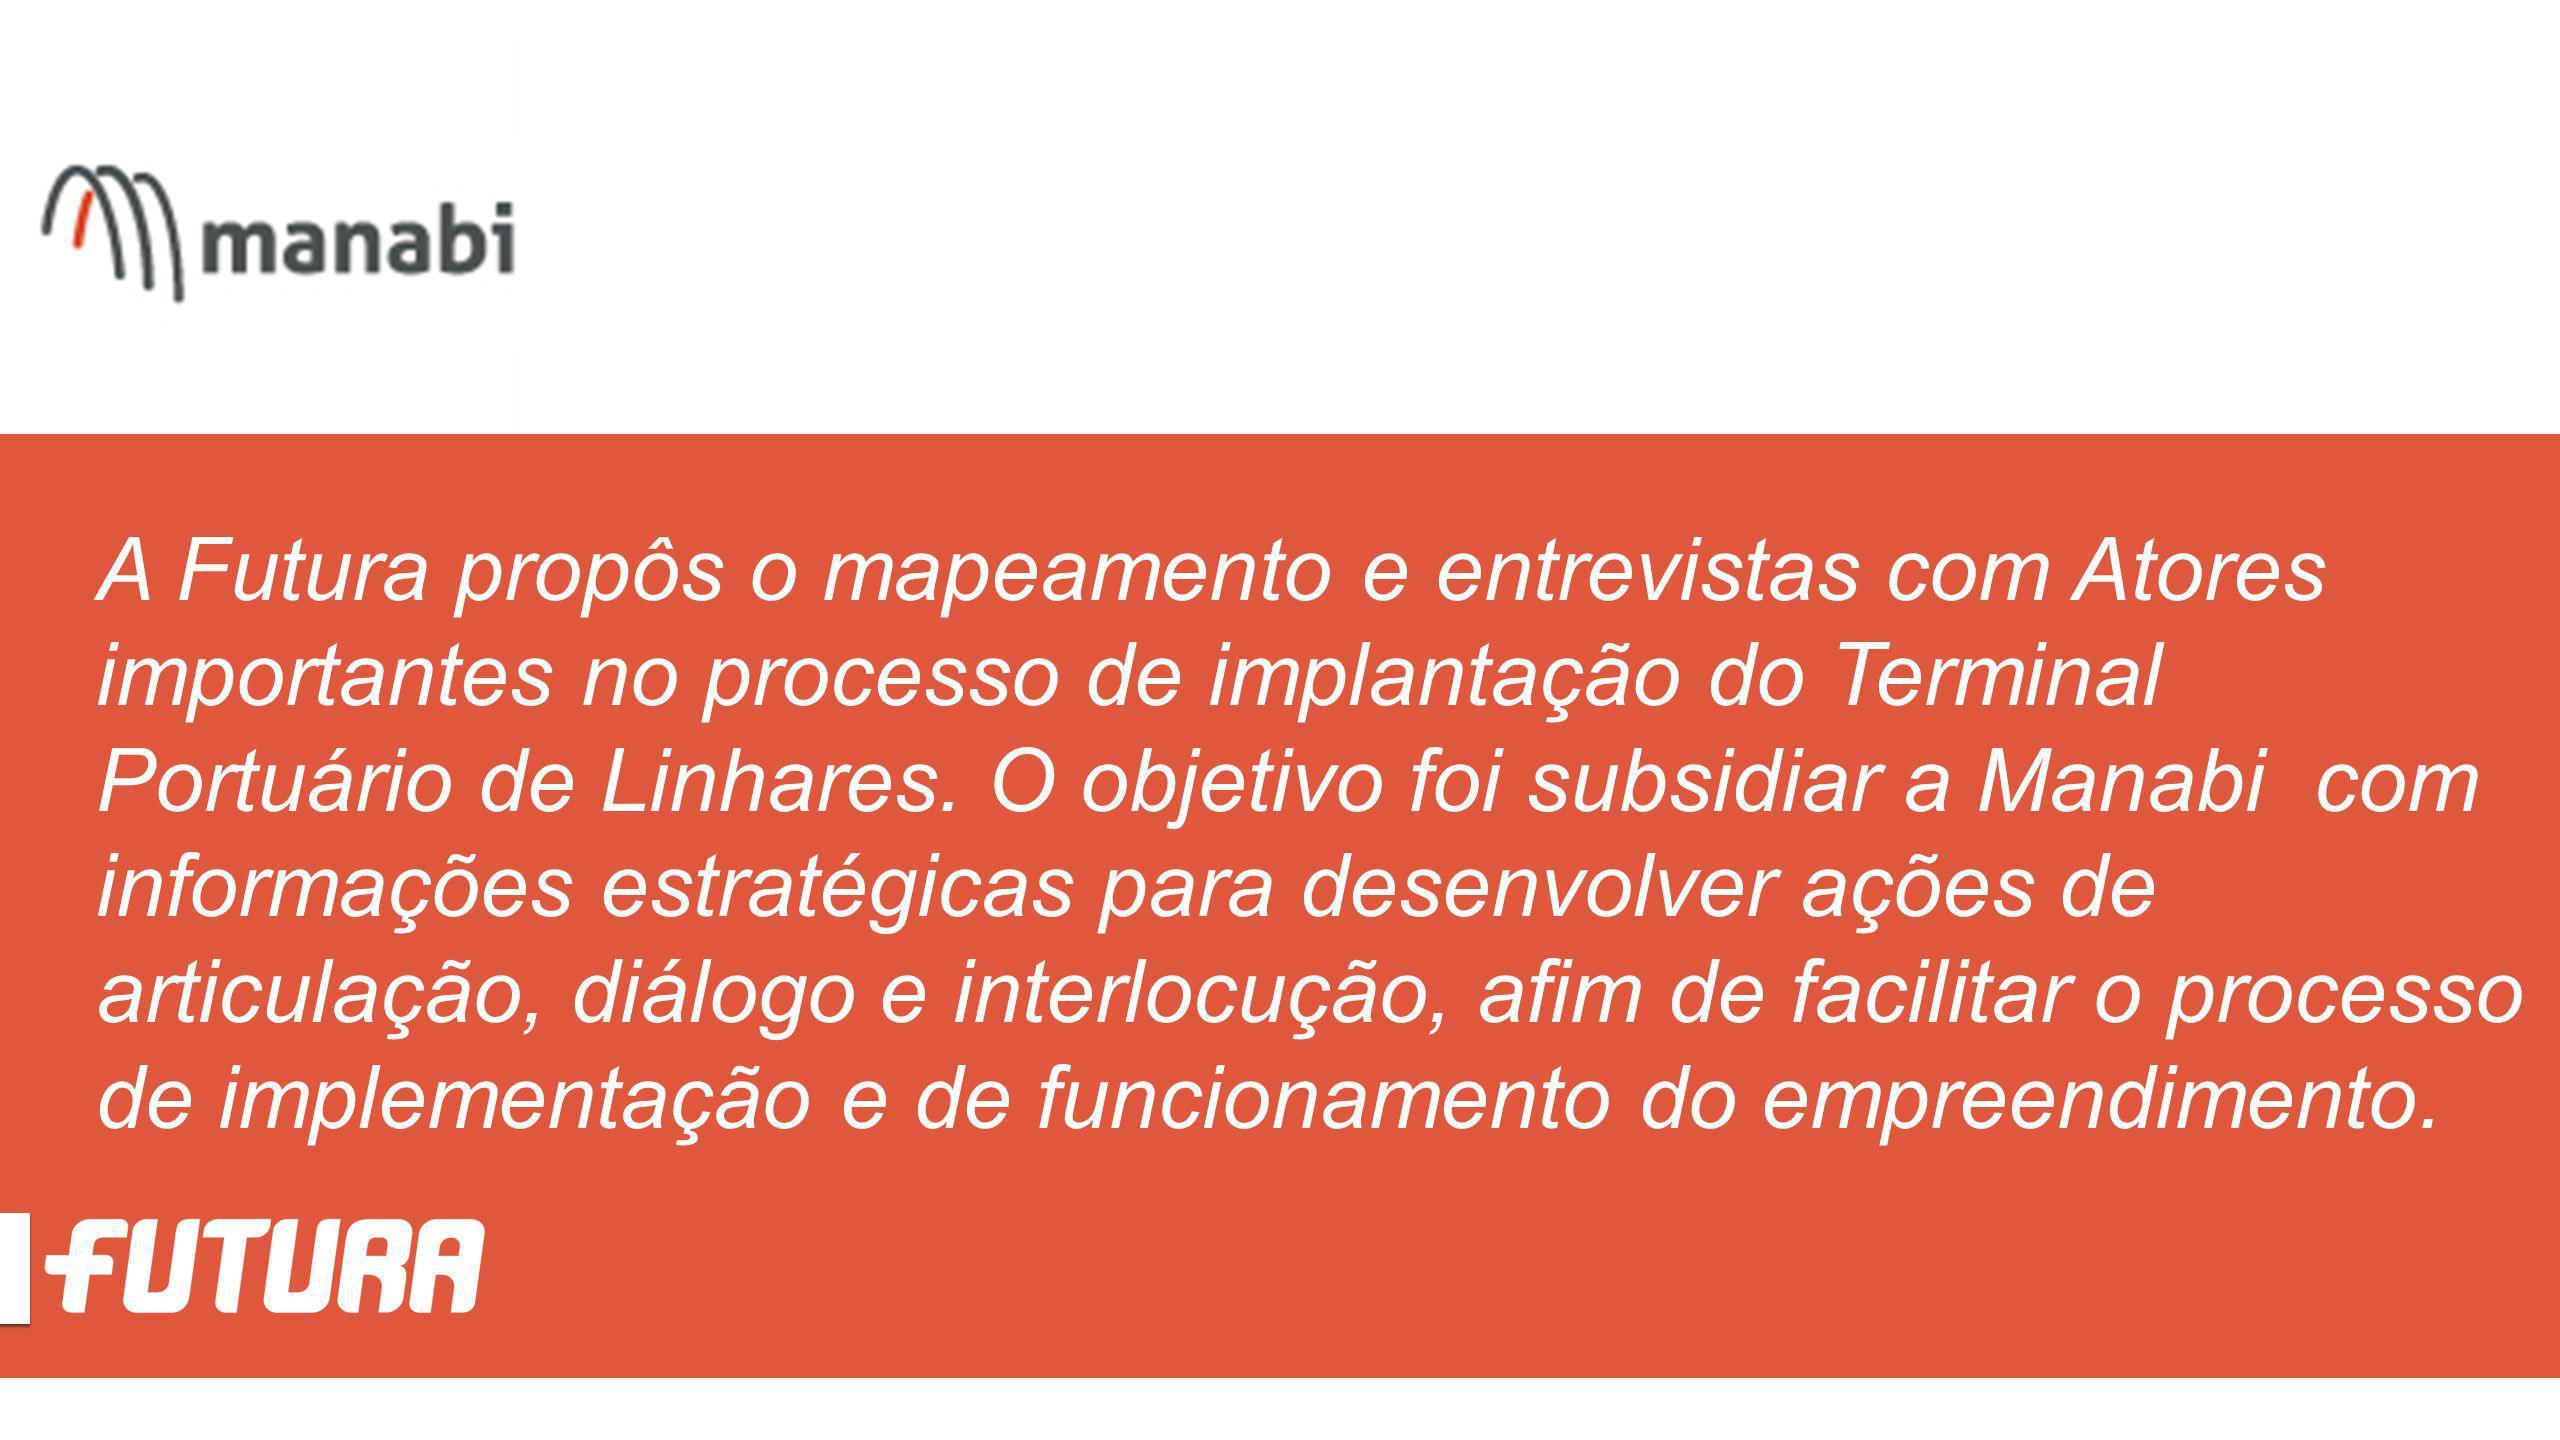 A Futura propôs o mapeamento e entrevistas com Atores importantes no processo de implantação do Terminal Portuário de Linhares. O objetivo foi subsidi